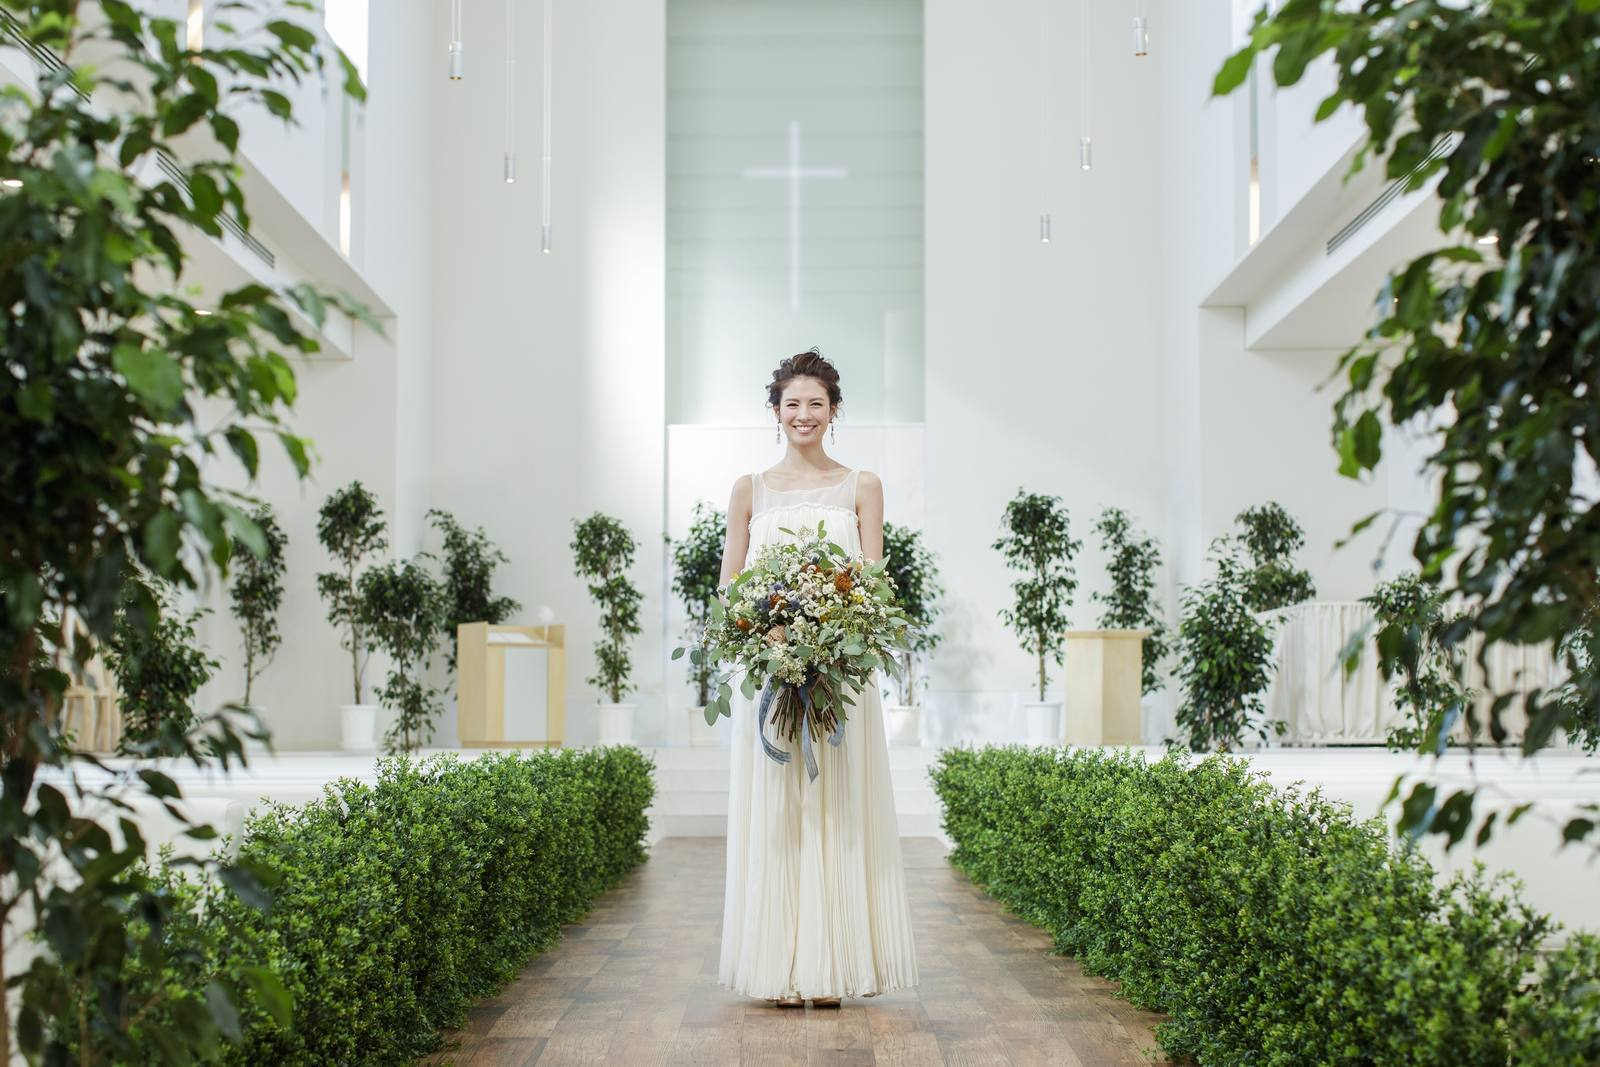 徳島県の結婚式場ブランアンジュはチャペルのコーディネートも自由